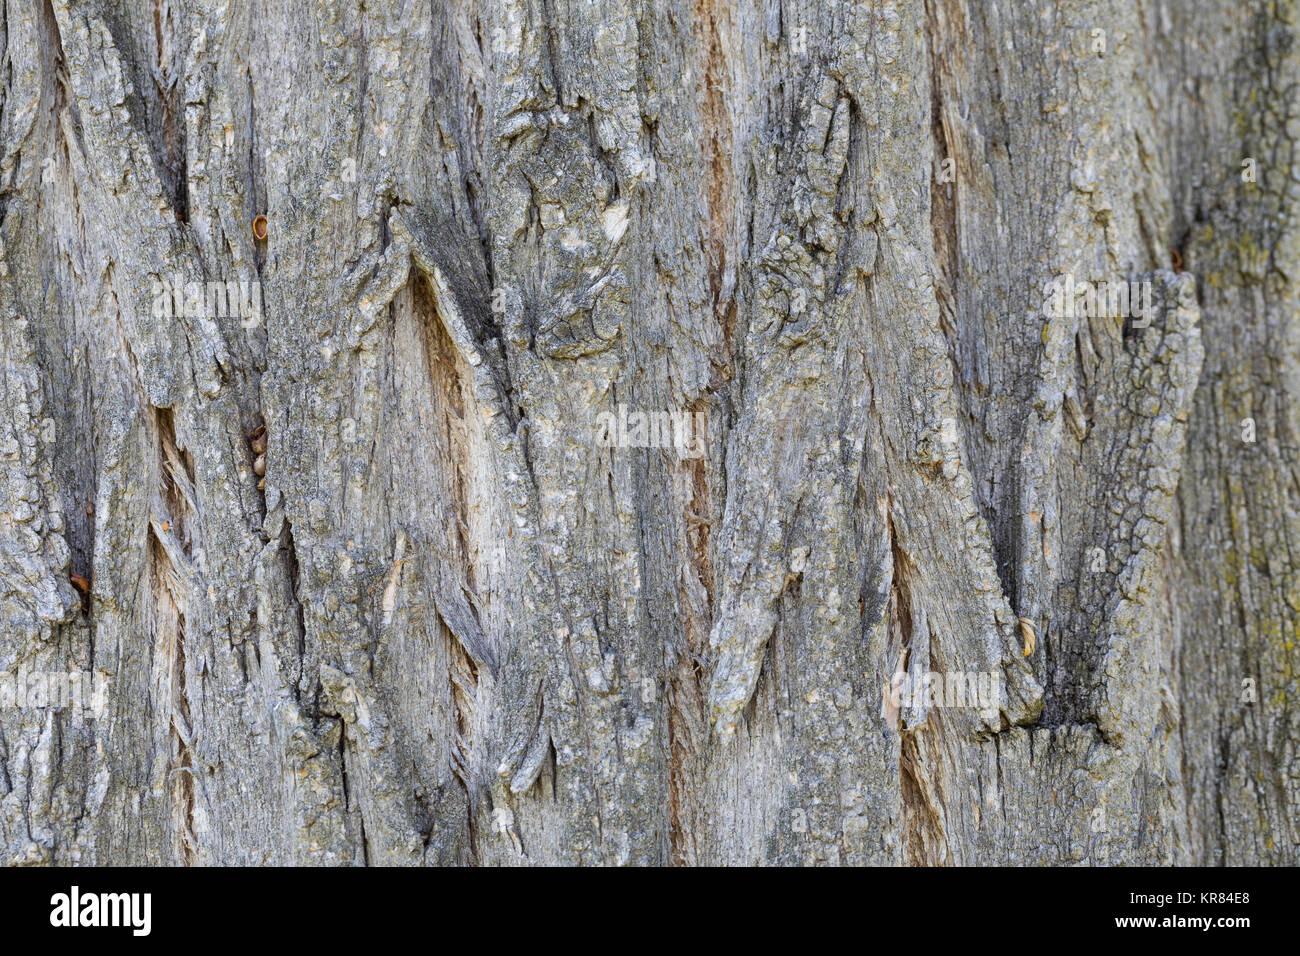 Robinie, Gewöhnliche Scheinakazie, Schein-Akazie, Falsche Akazie, Rinde, Borke, Stamm, Baumstamm, Robinia pseudoacacia, - Stock Image